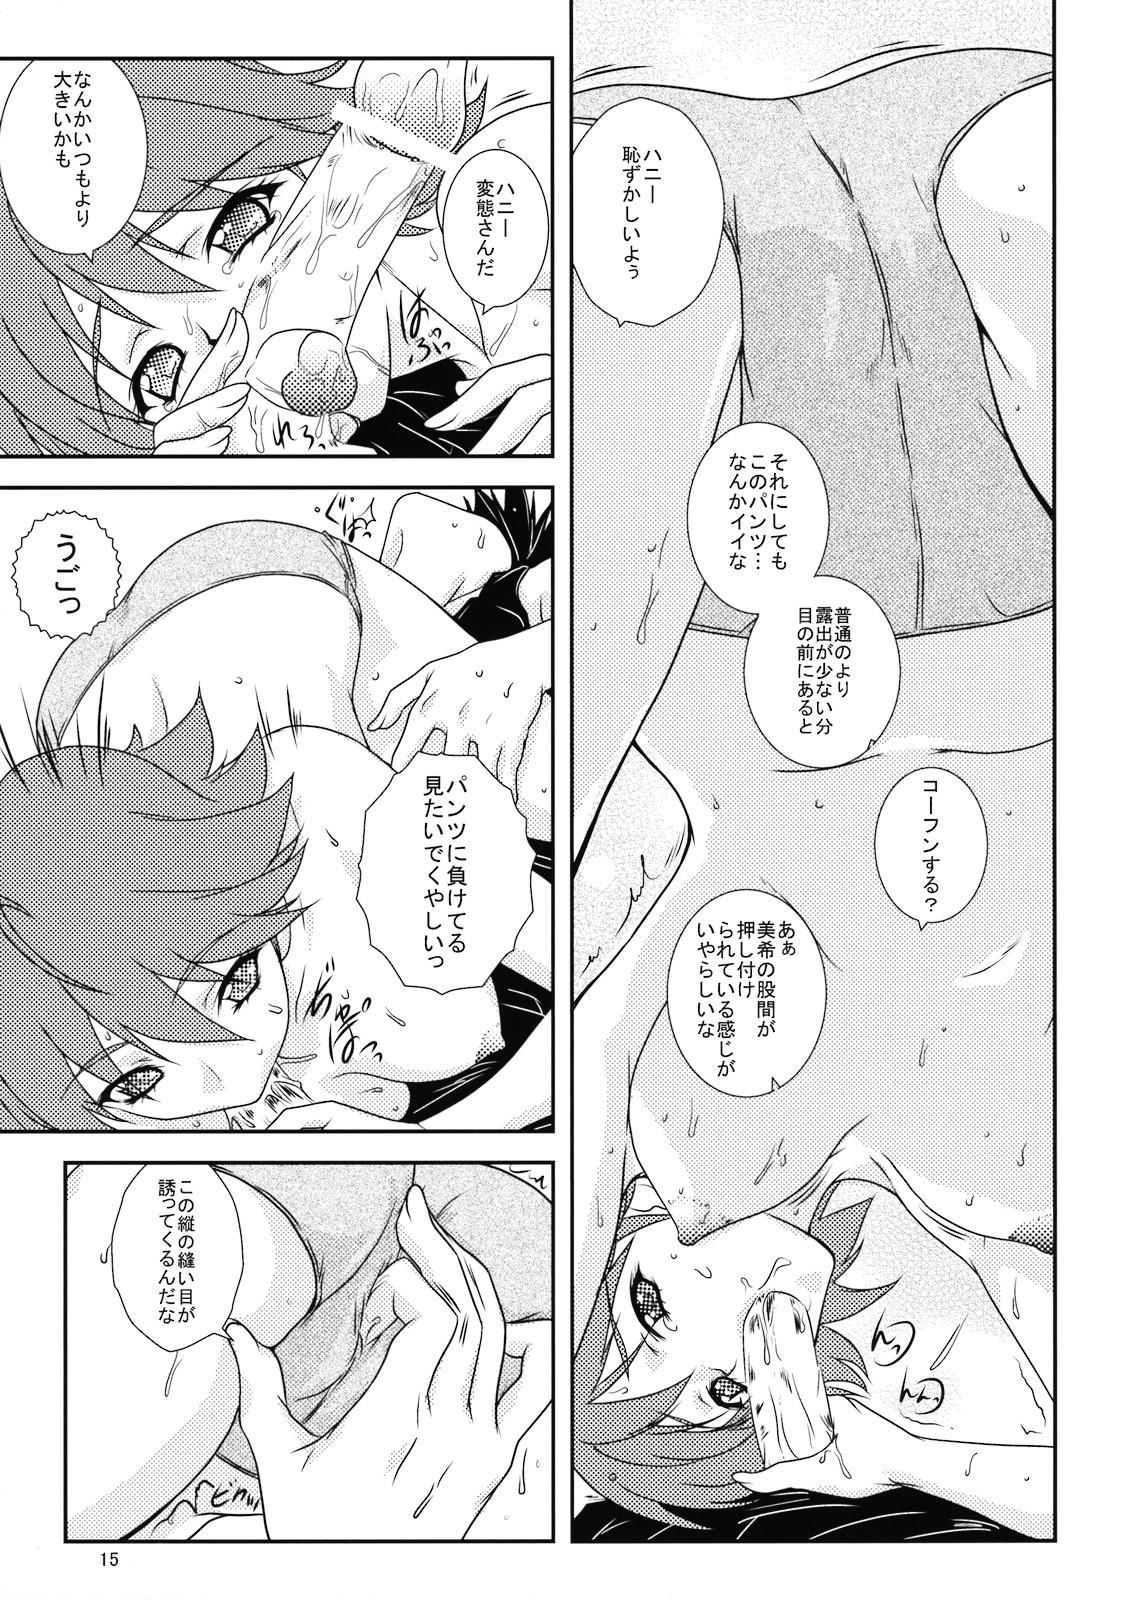 Miki no Natsuyasumi 14